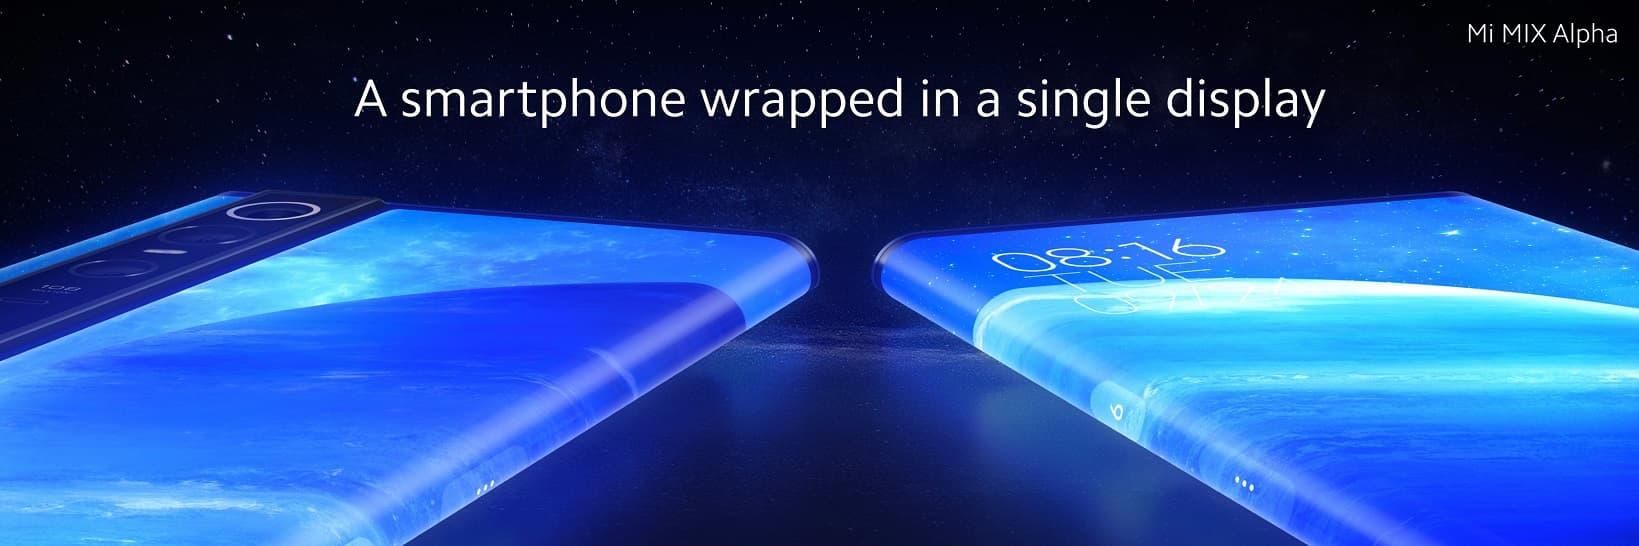 Xiaomi Mi Mix Alpha ekran 180.6%